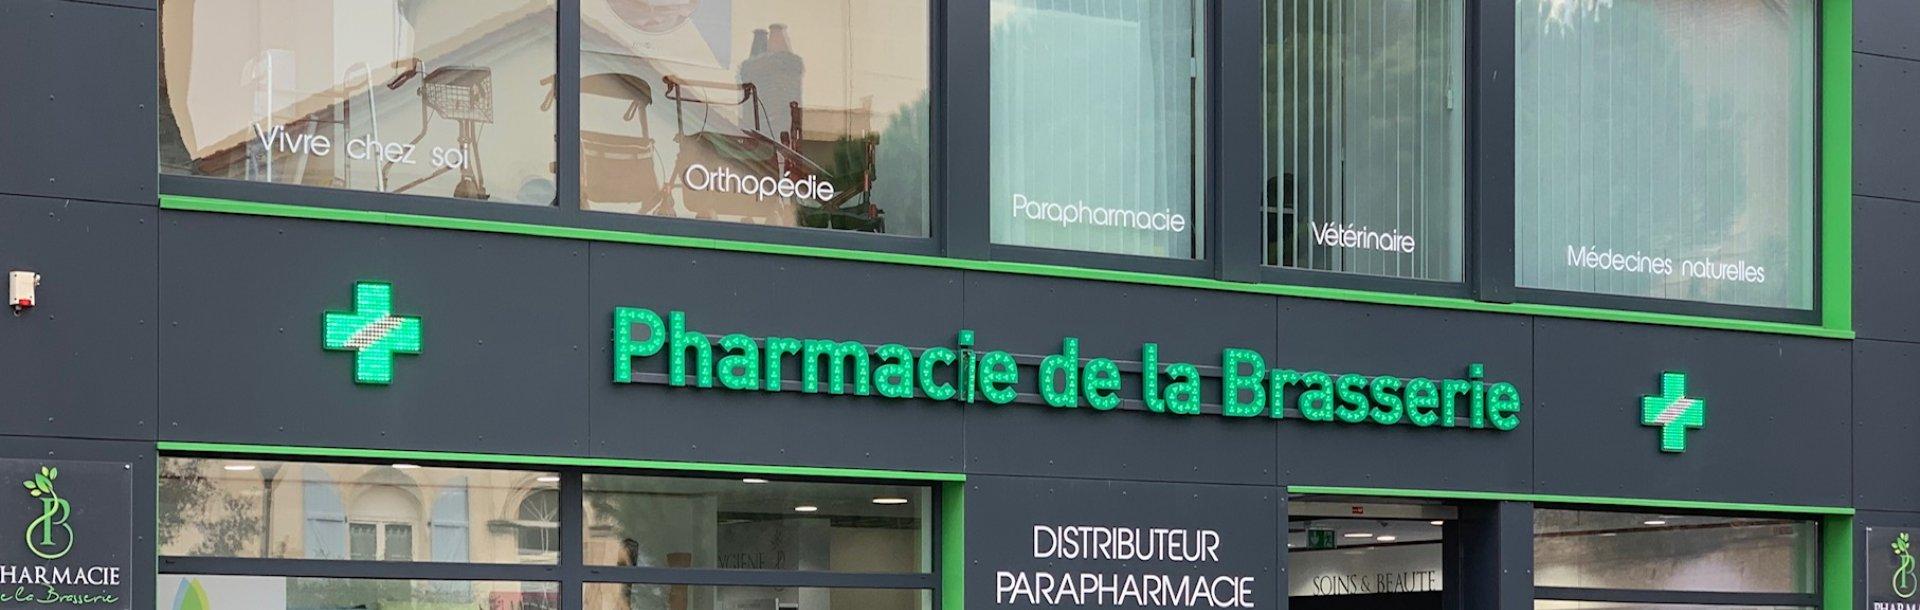 facade pharmacie